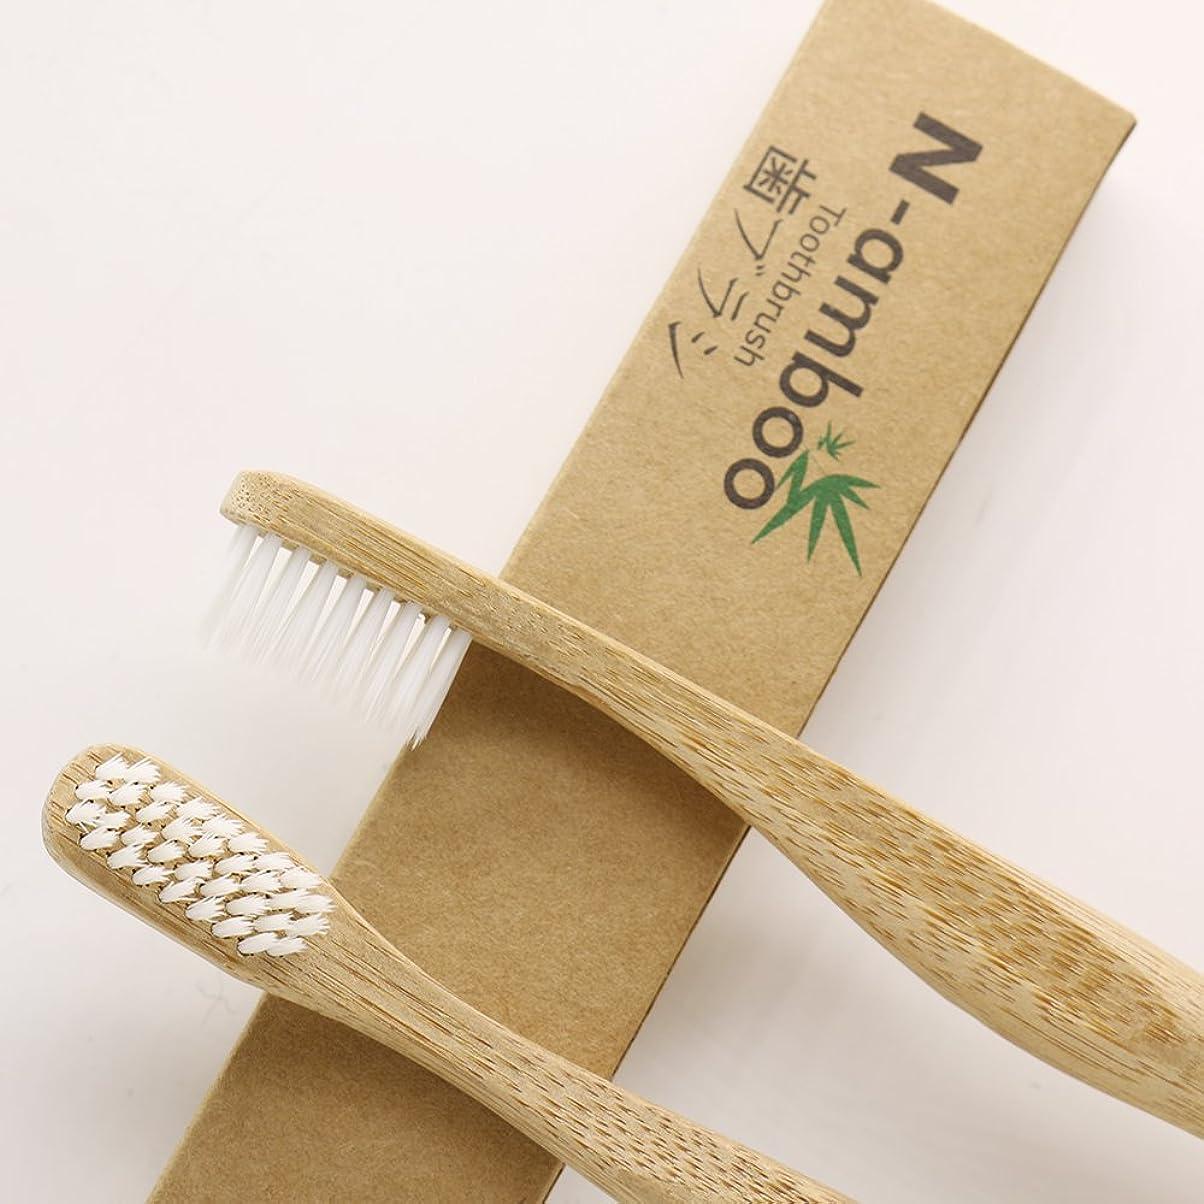 急行する火汚すN-amboo 竹製耐久度高い 歯ブラシ 2本入り セット ハンドル握りやすい 白い